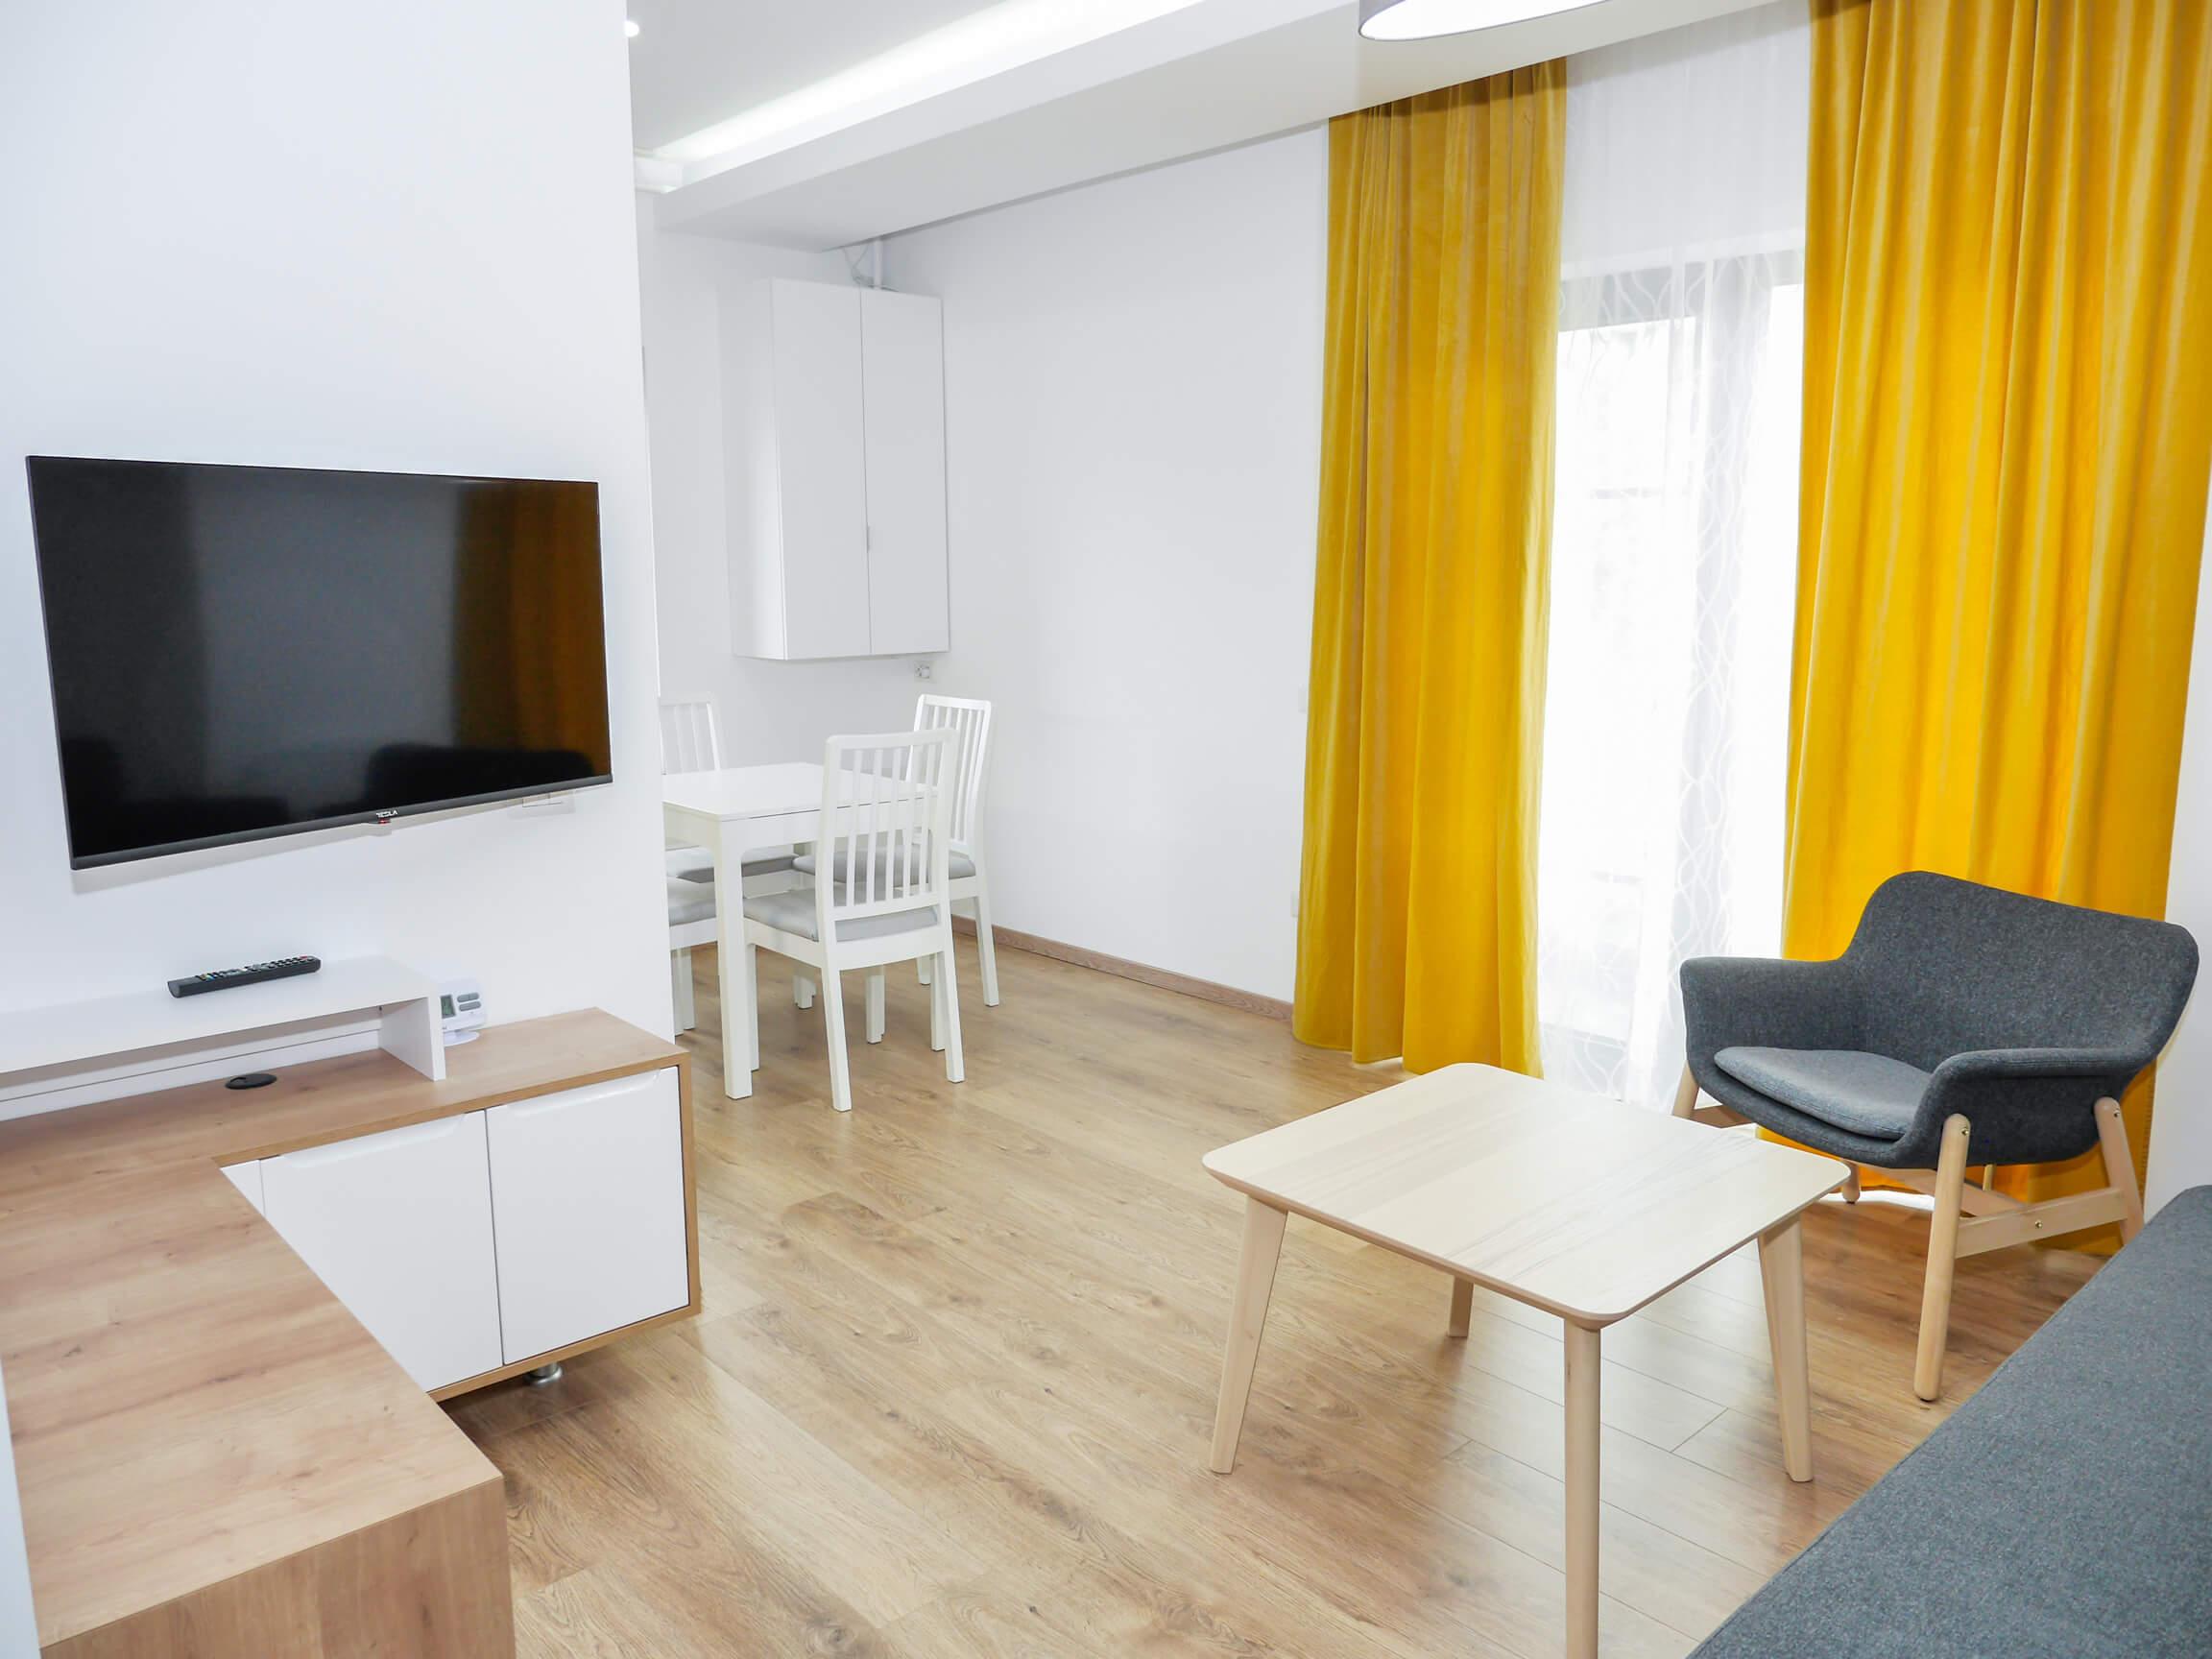 Clement Apartments - apartamente de inchiriat in regim hotelier - cazare neamt - cazare piatra neamt - apartament 6 (3)